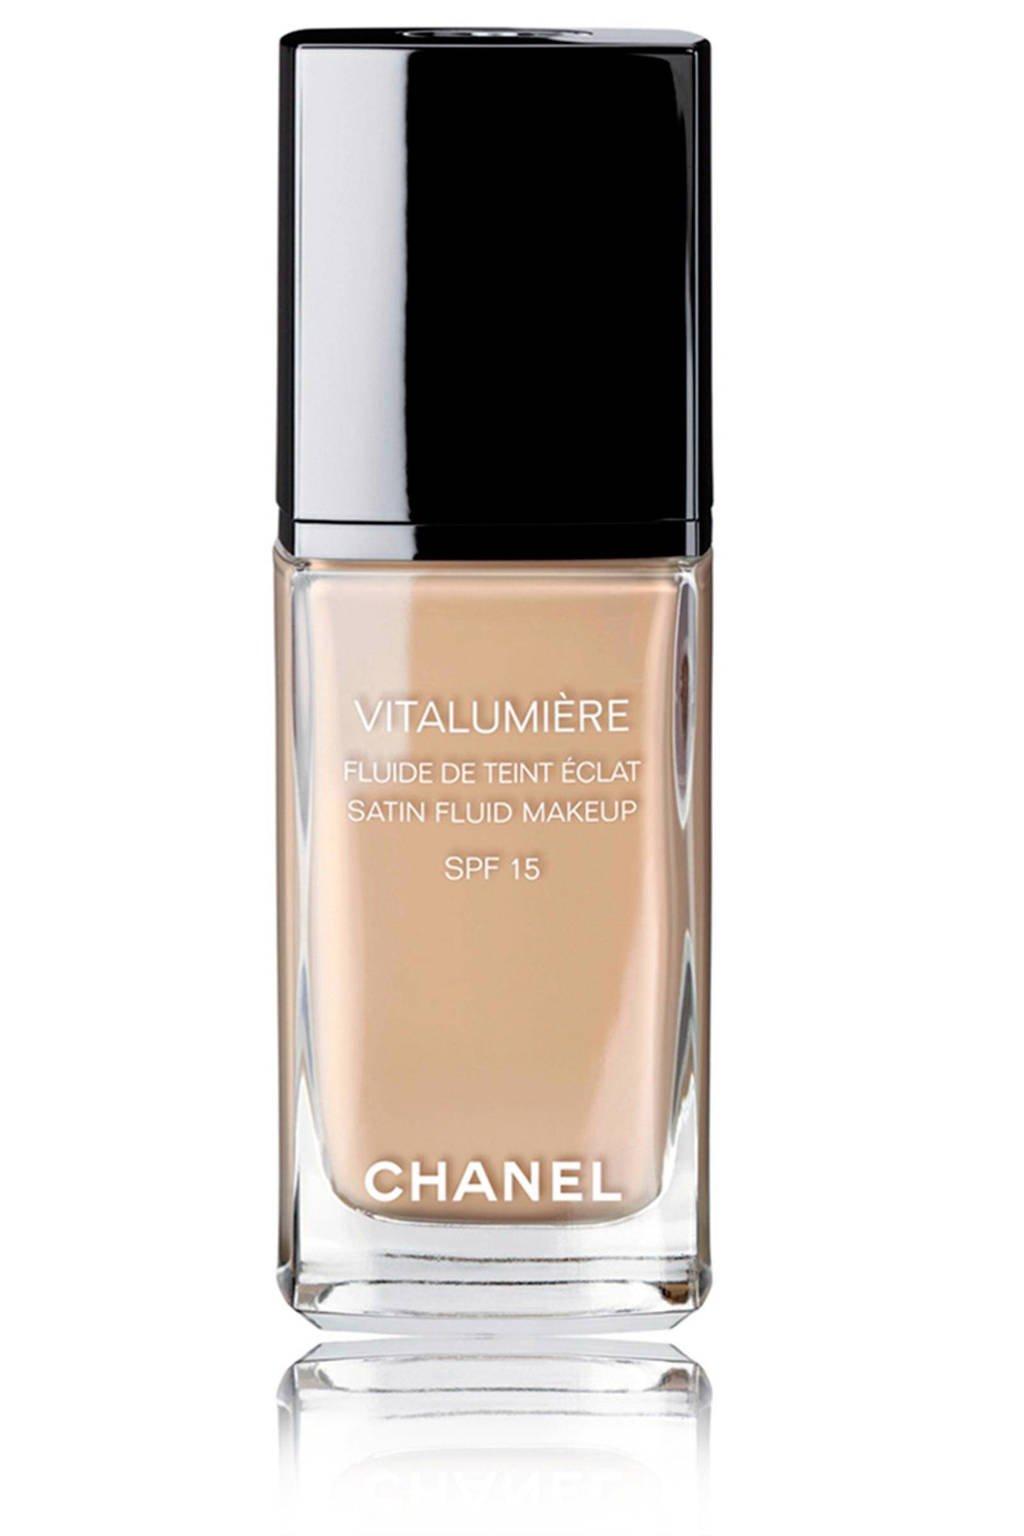 Chanel Vitalumière Fluide foundation - 70 Beige